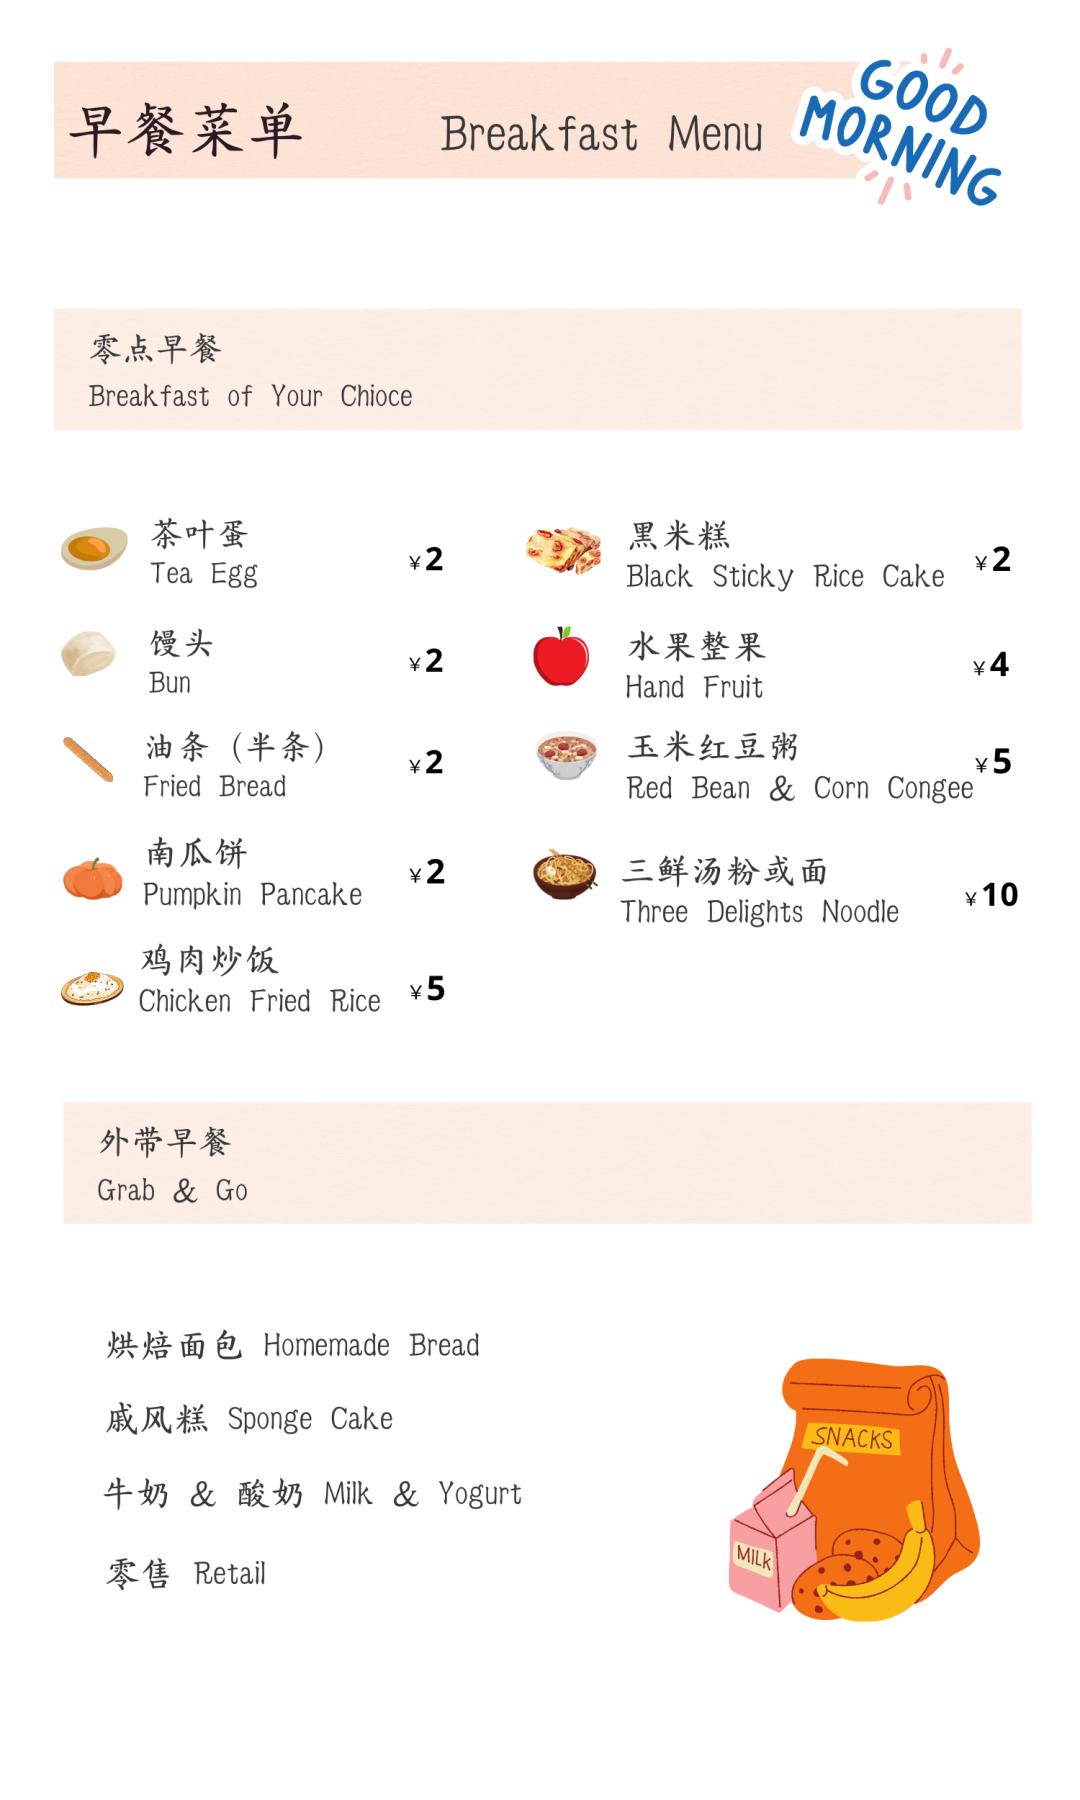 深国交的师生在冬天不出门便可以品尝到经典的节日美食啦  深国交 深圳国际交流学院 学在国交 第26张